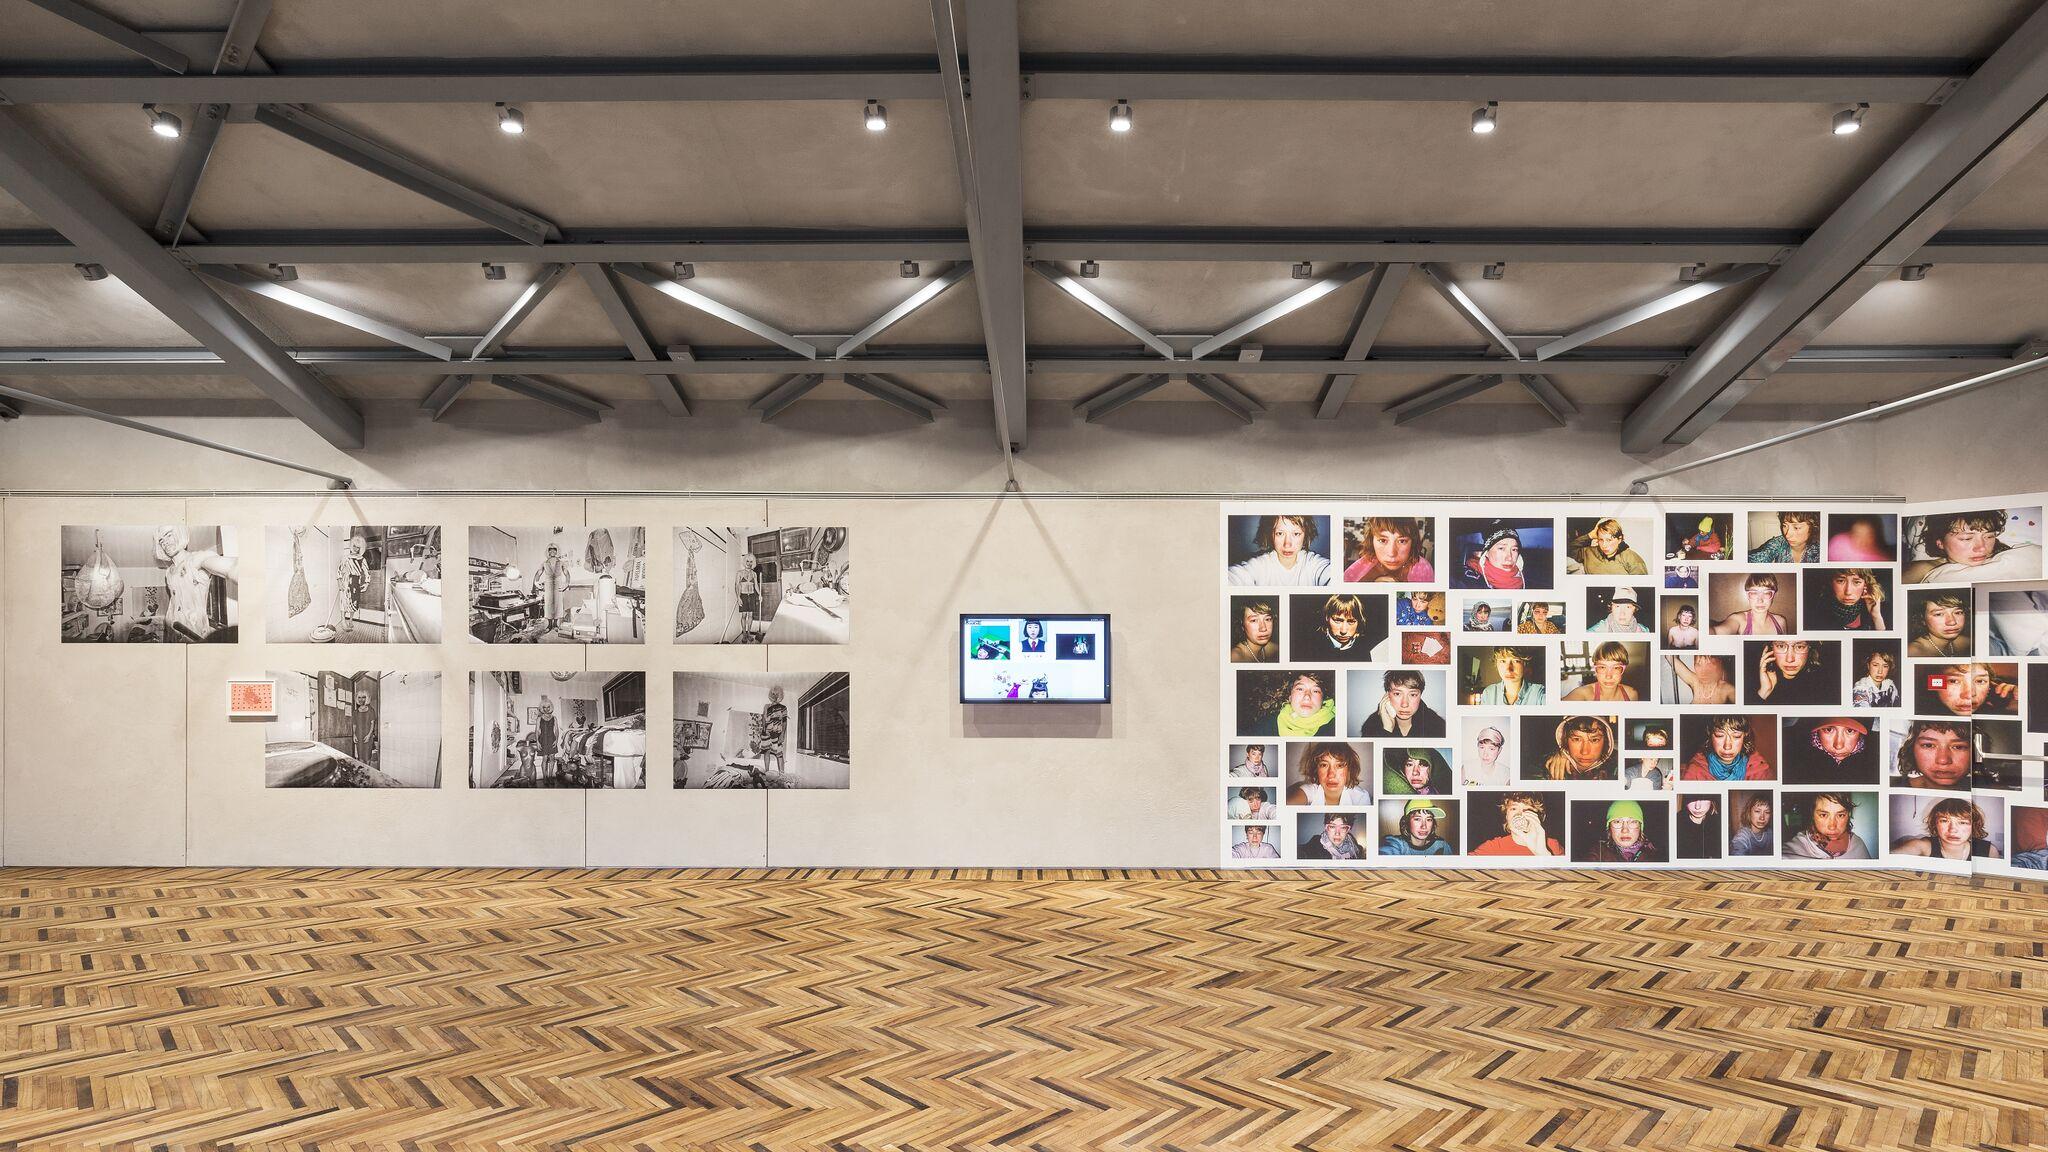 Fondazione Prada Osservatorio, exhibition view, from left to right: Tomé Duarte, Izumi Miyazaki, Melanie Bonajo (Foto: Delfino Sisto Legnani and Marco Cappelletti; Courtesy Fondazione Prada)